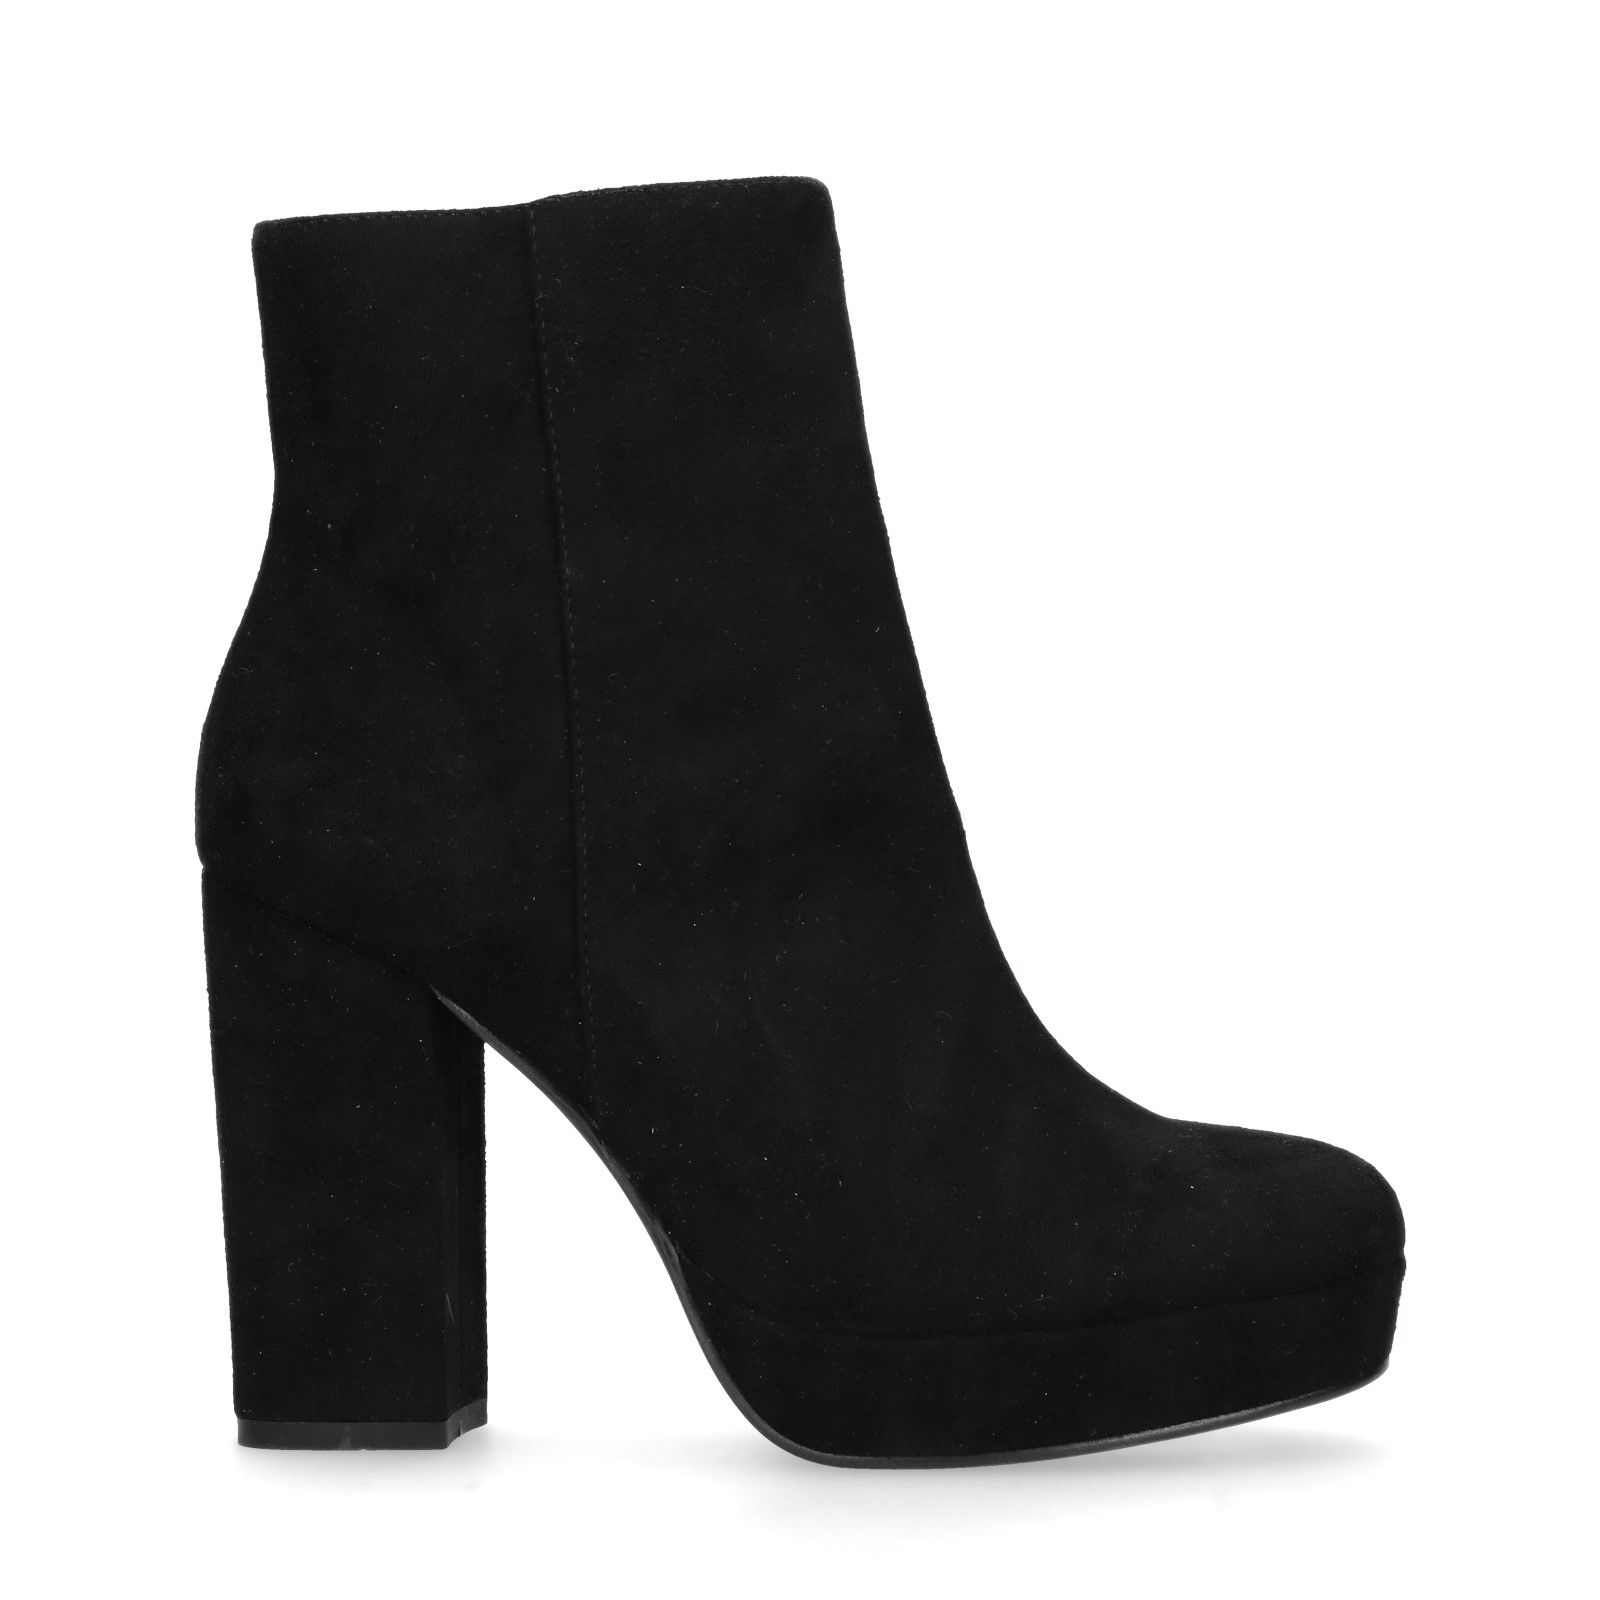 zwarte laarzen met hakje